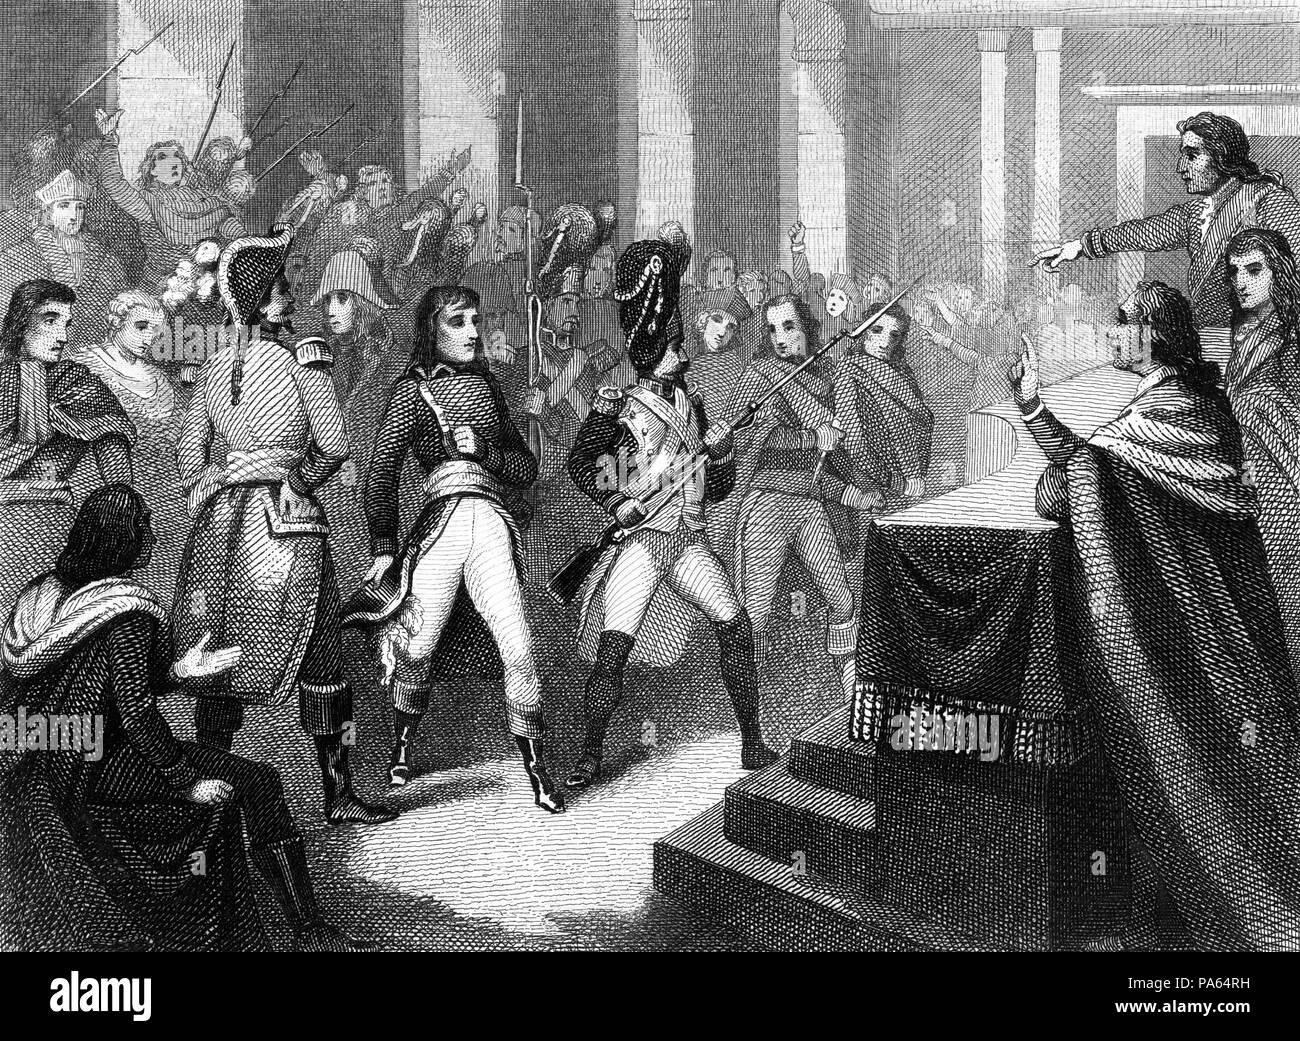 Francia Siglo Xviii Golpe De Estado Del 18 Brumario De Del Año Vii Napoleón Bonaparte 1769